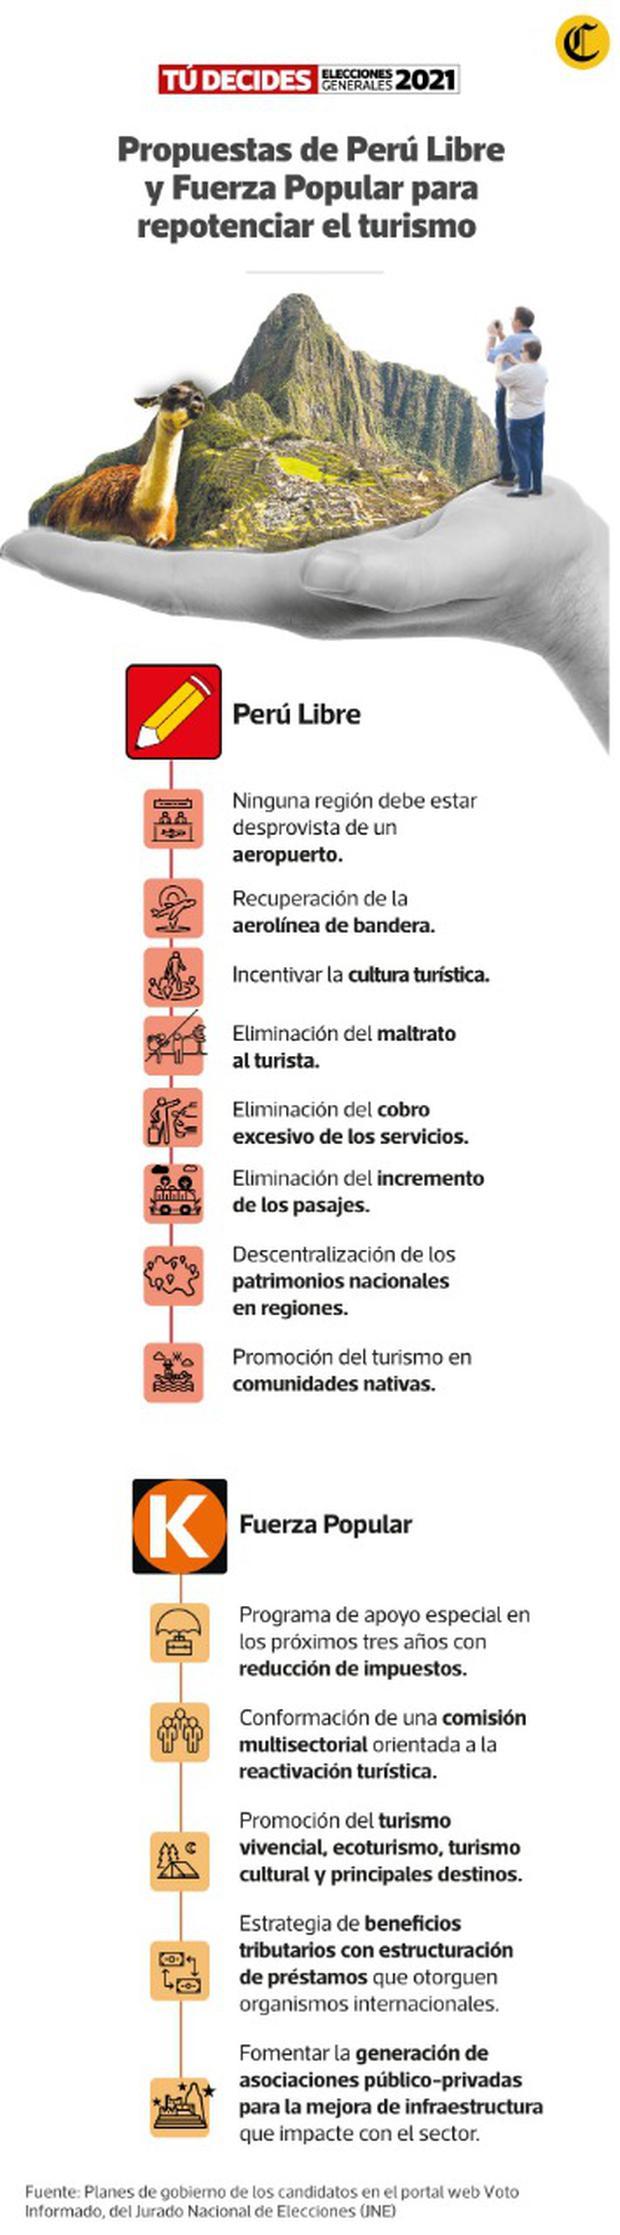 Relación de propuestas de los partidos Perú Libre y Fuerza Popular para reactivar la industria turística. (Infografía: Luis Huaitán)